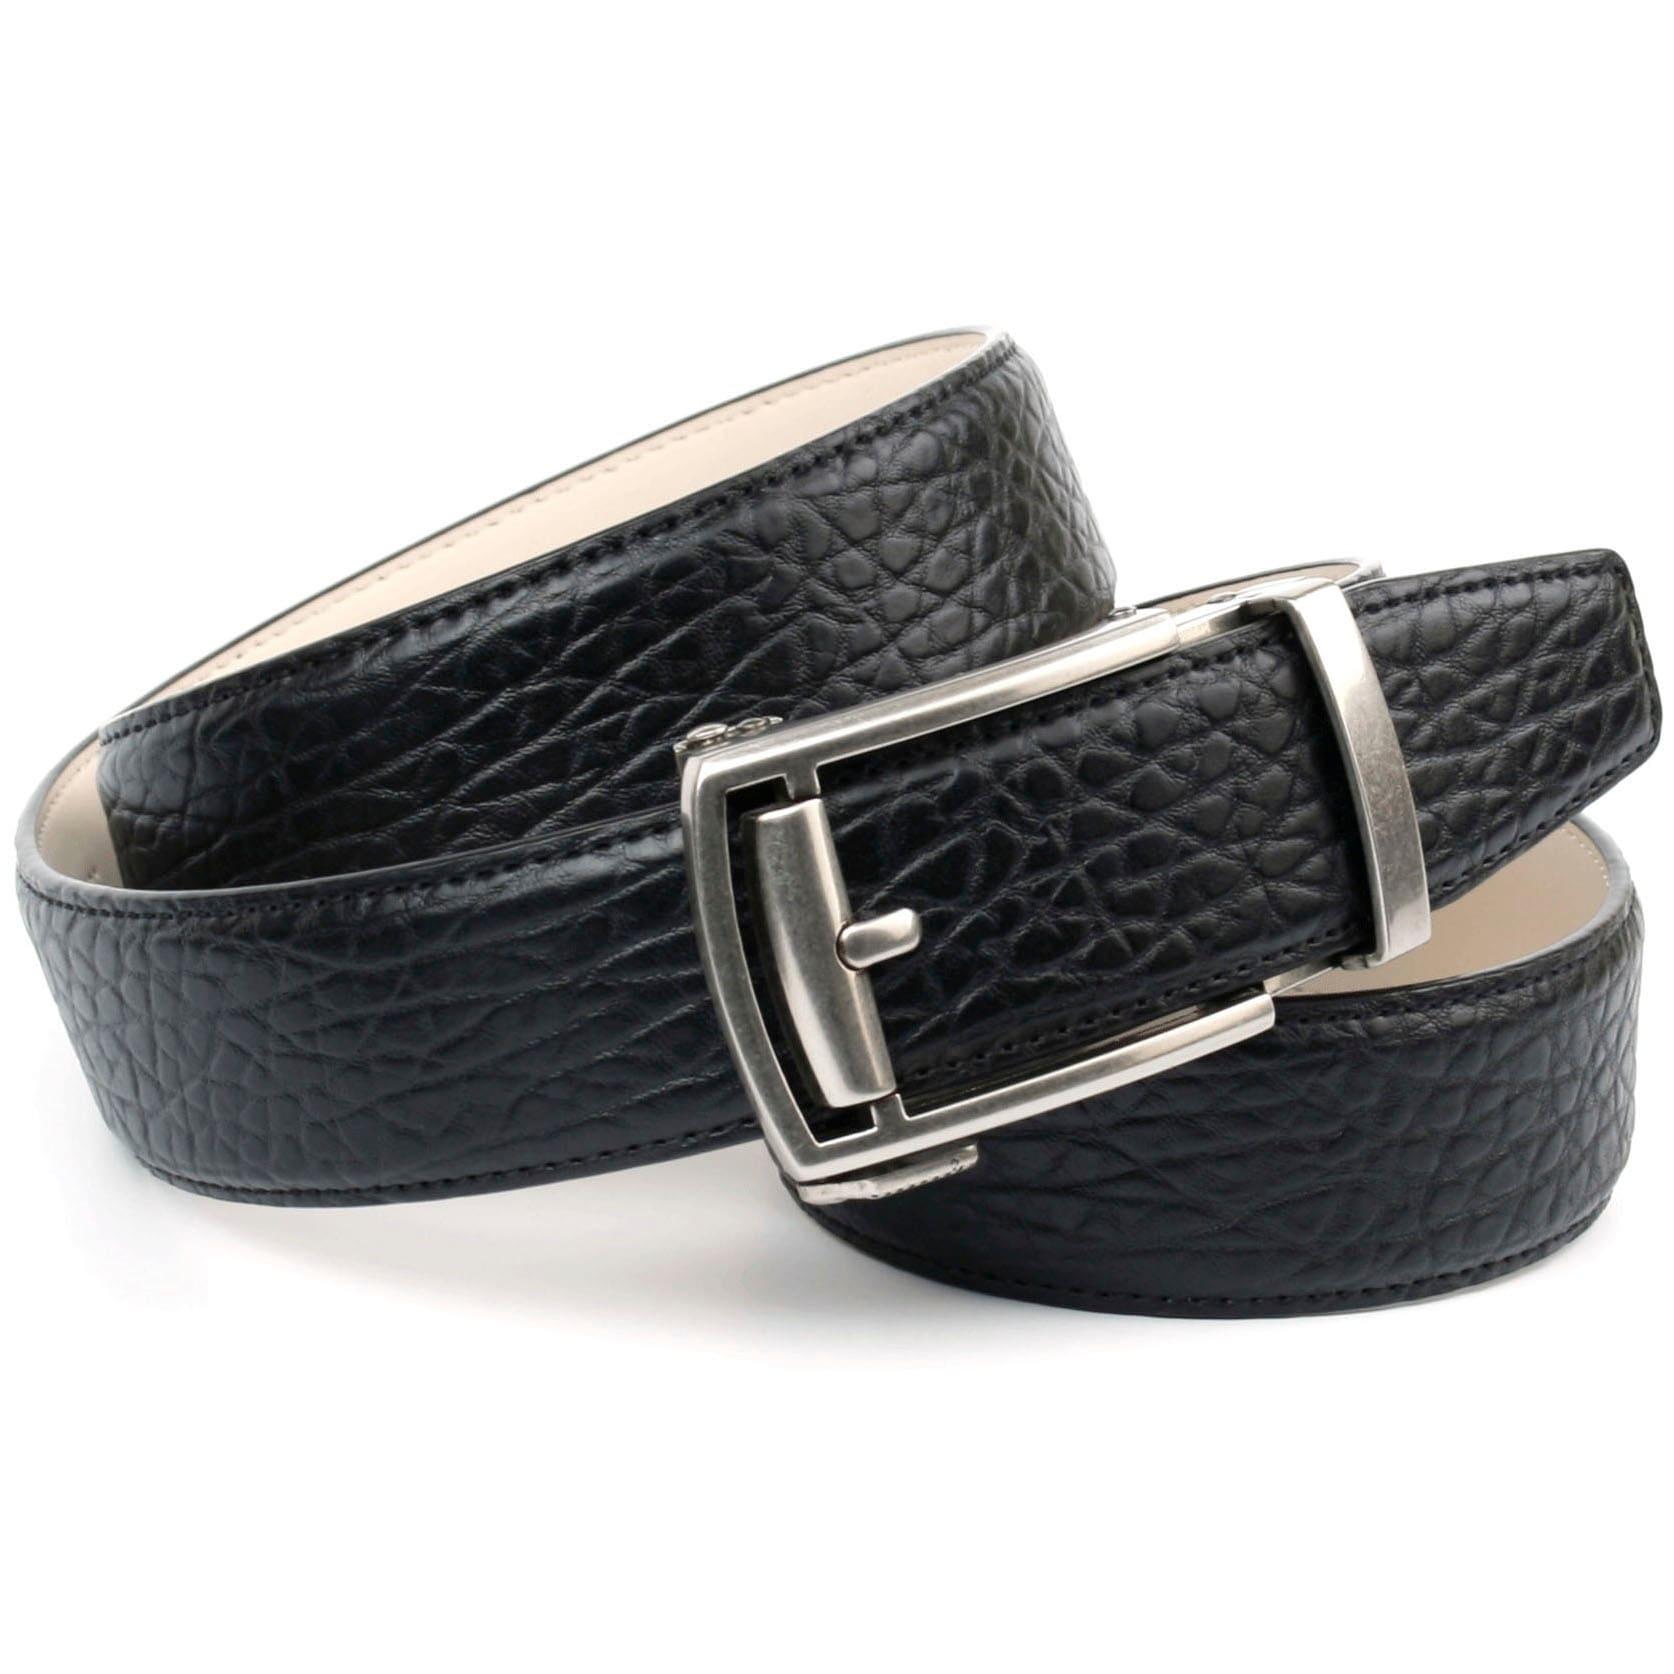 Anthoni Crown Ledergürtel, Automatikgürtel in schwarz Damen Ledergürtel Gürtel Accessoires